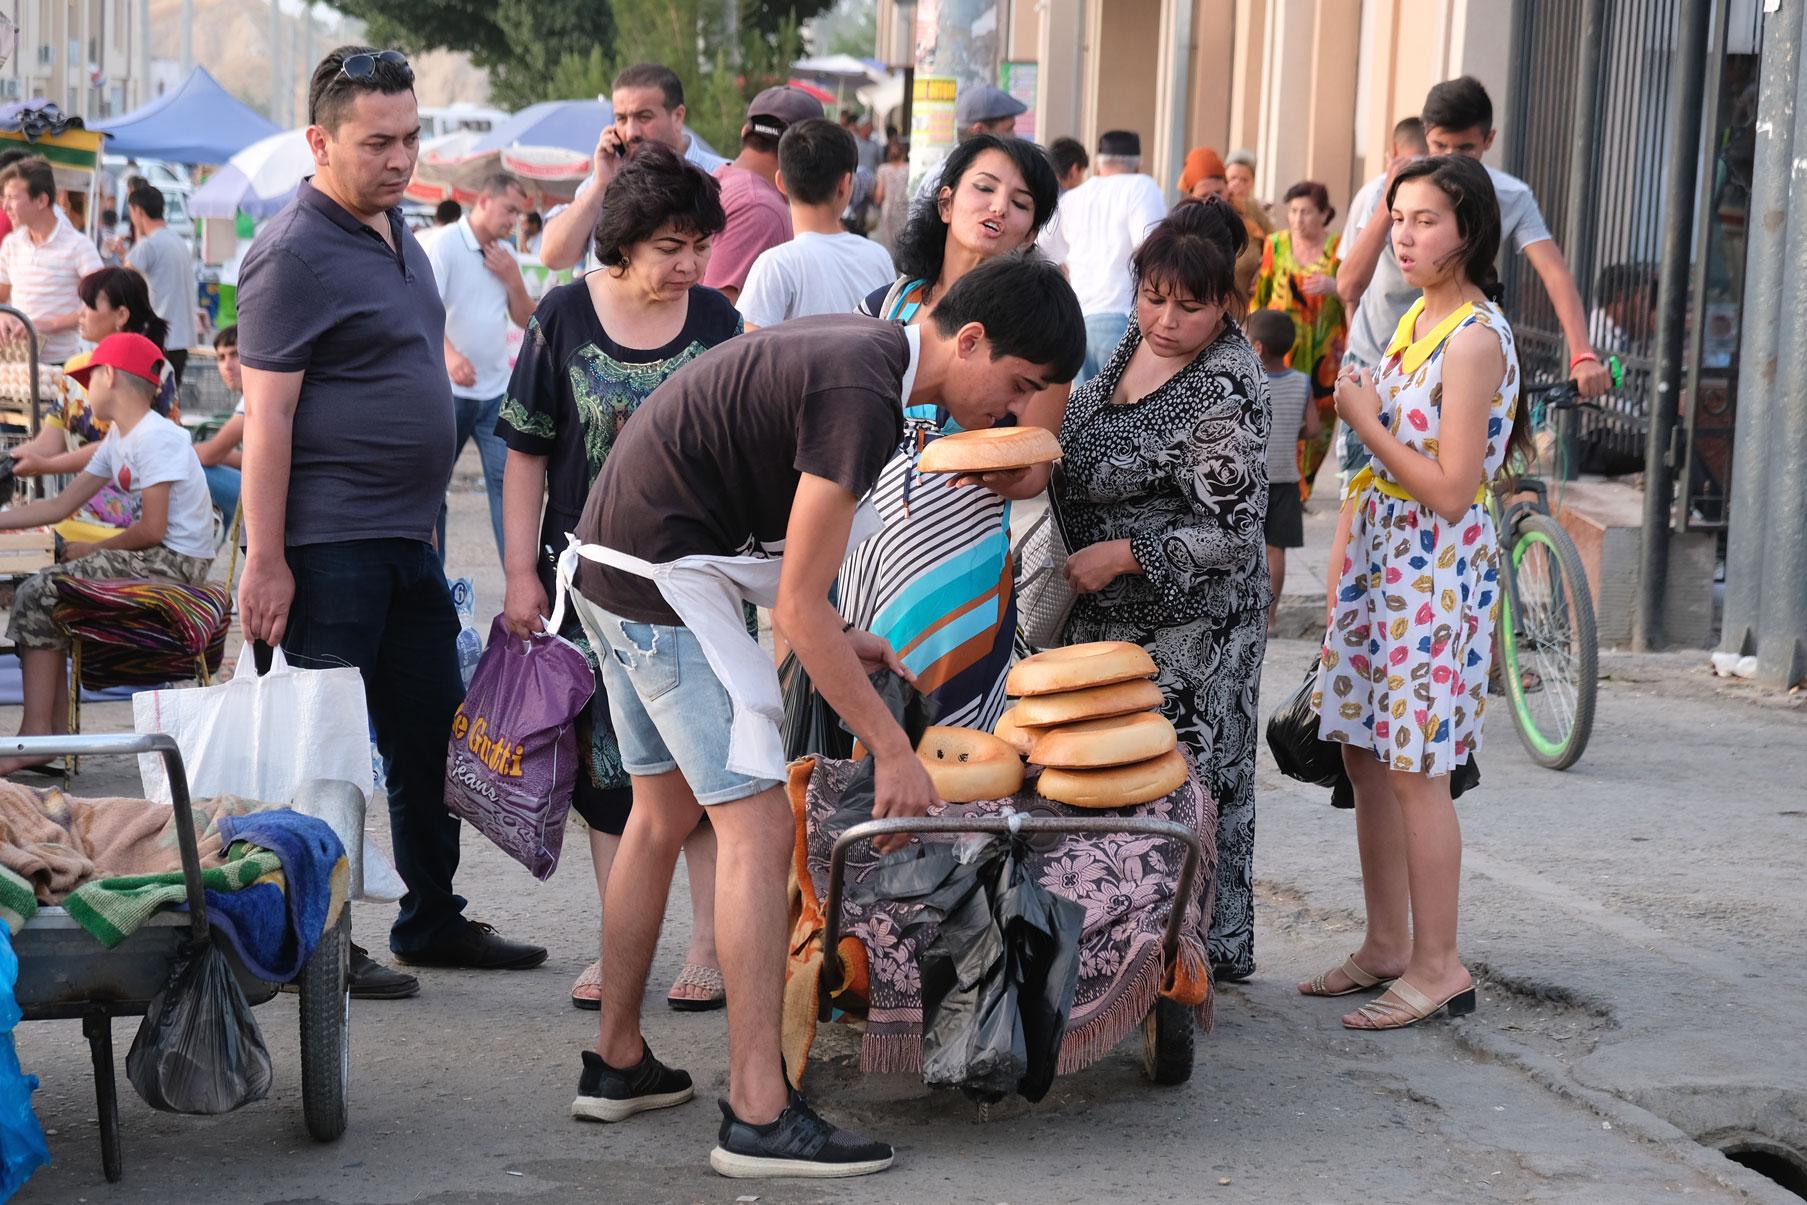 Menschen kaufen Brot an einem Stand auf dem Basar